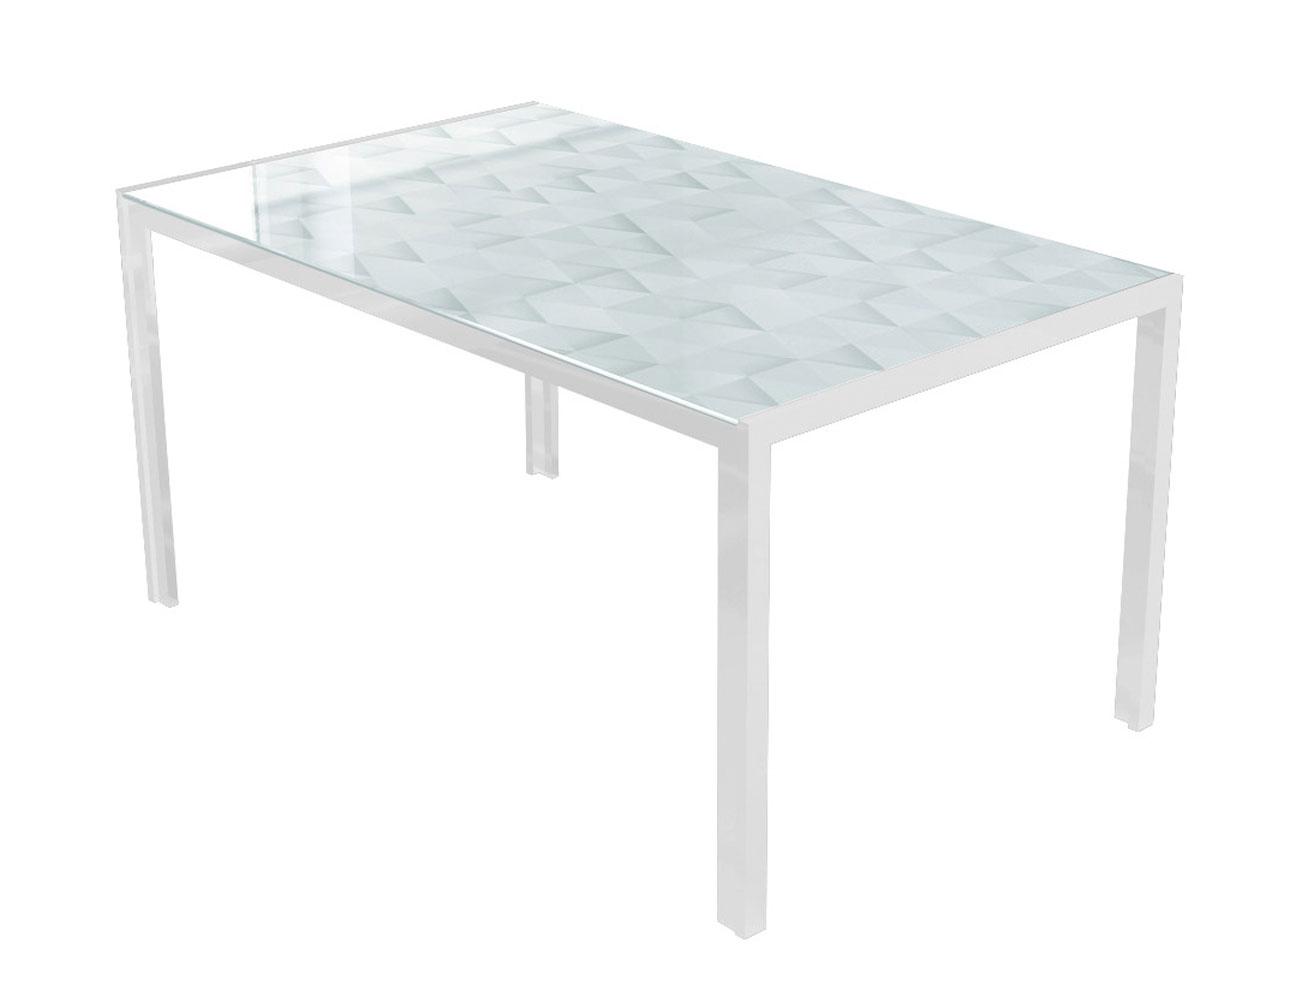 Mesa comedor cristal templado 281 blanca l